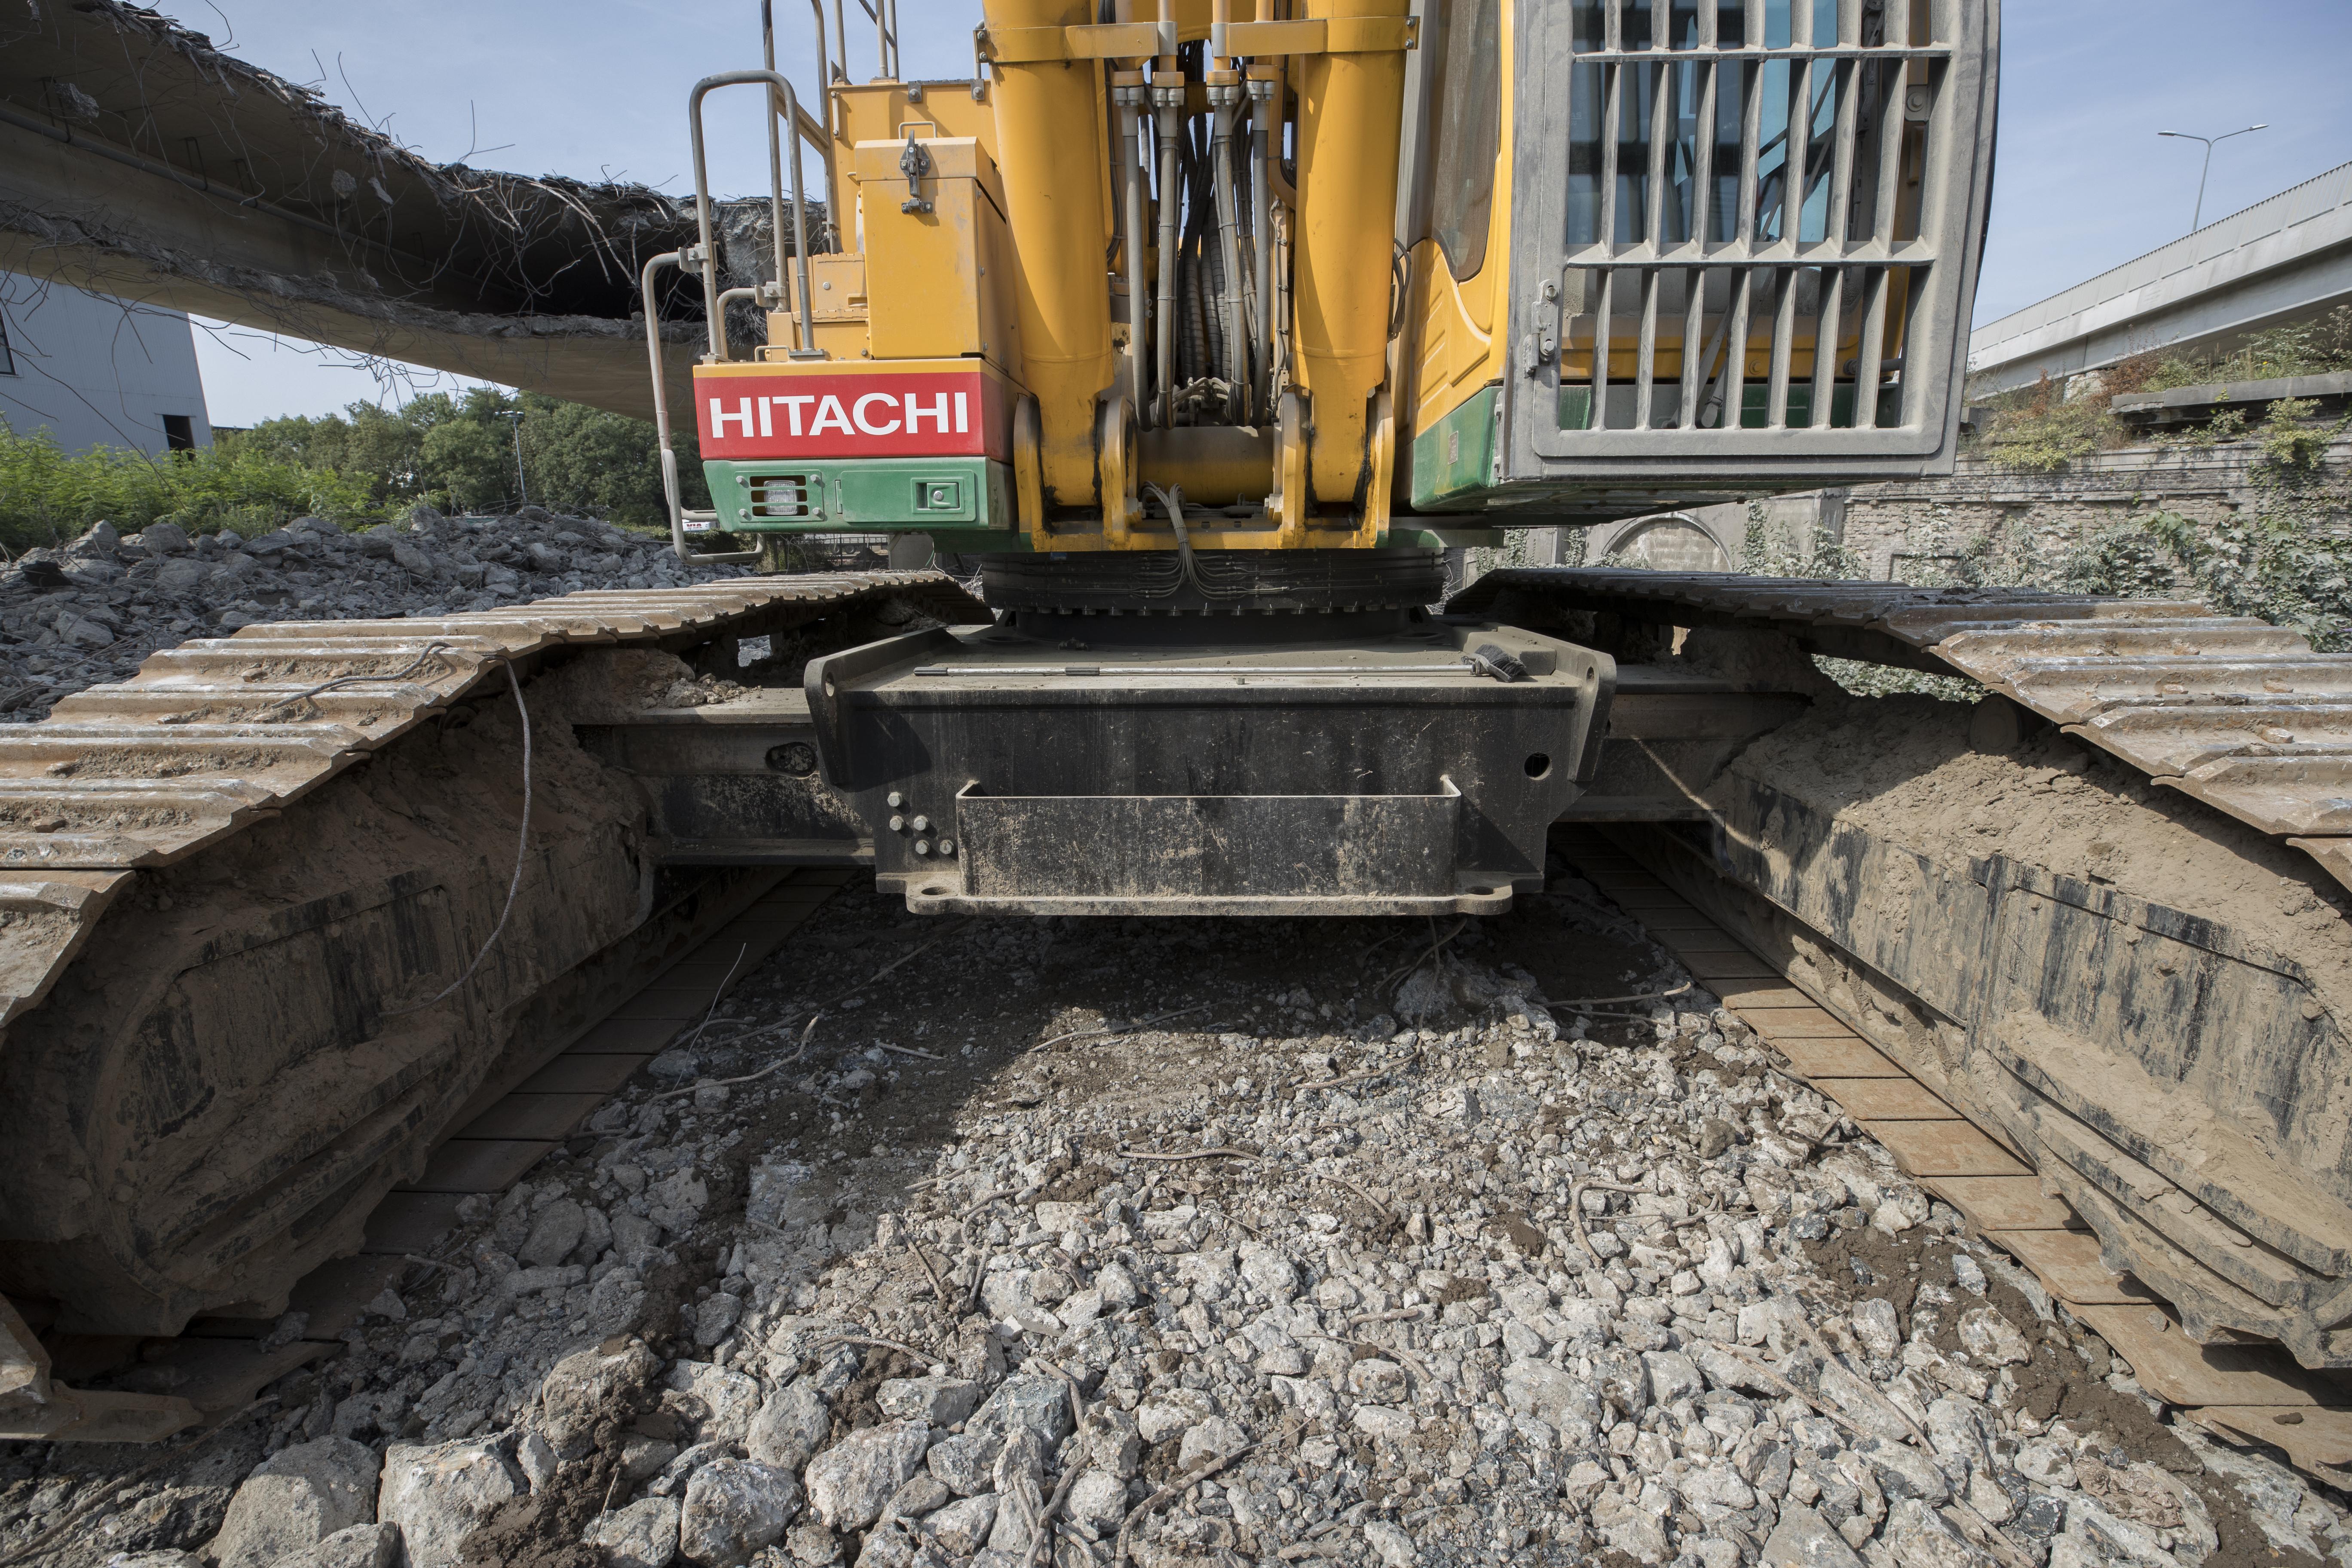 <p>Om de stabiliteit te vergroten zijn de rijbalken verlengd met150 cmen is de onderwagen hydraulisch uitschuifbaar van 4,0 meter naar 5,5 meter.</p>